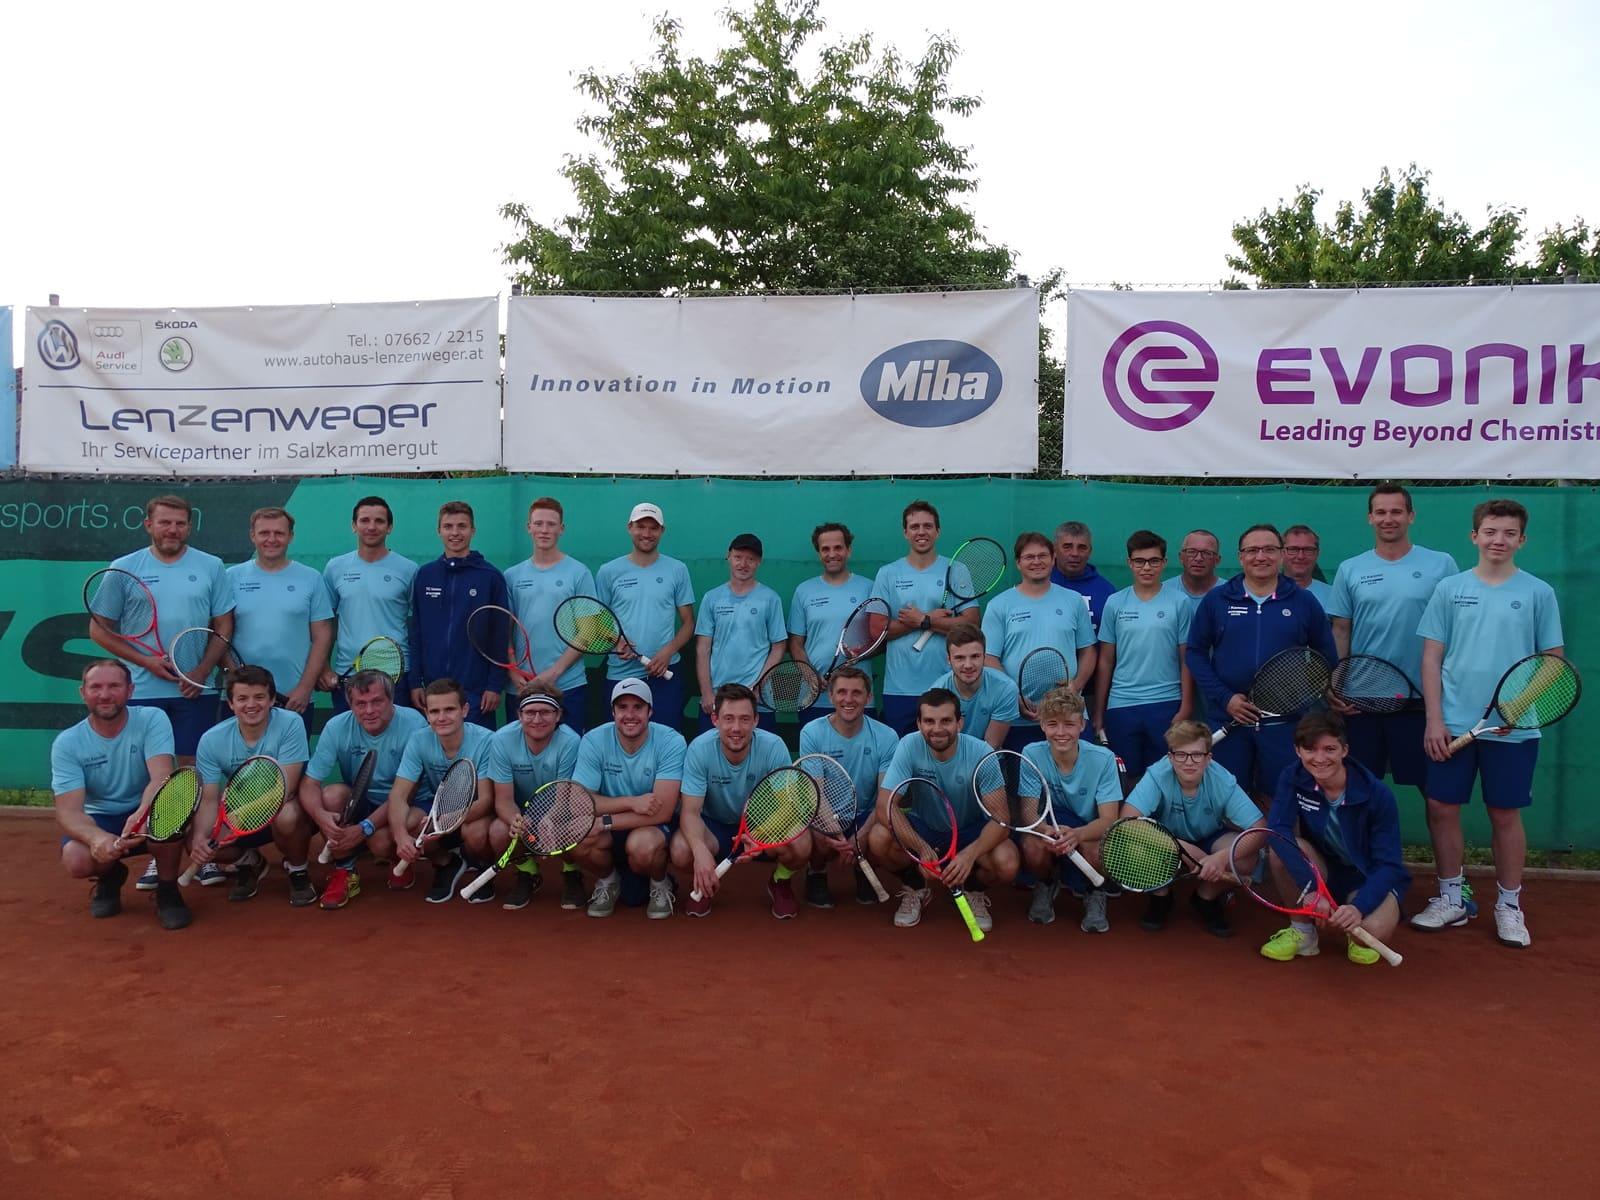 Tennisclub Kammer mit neuen Dressen ausgestattet!